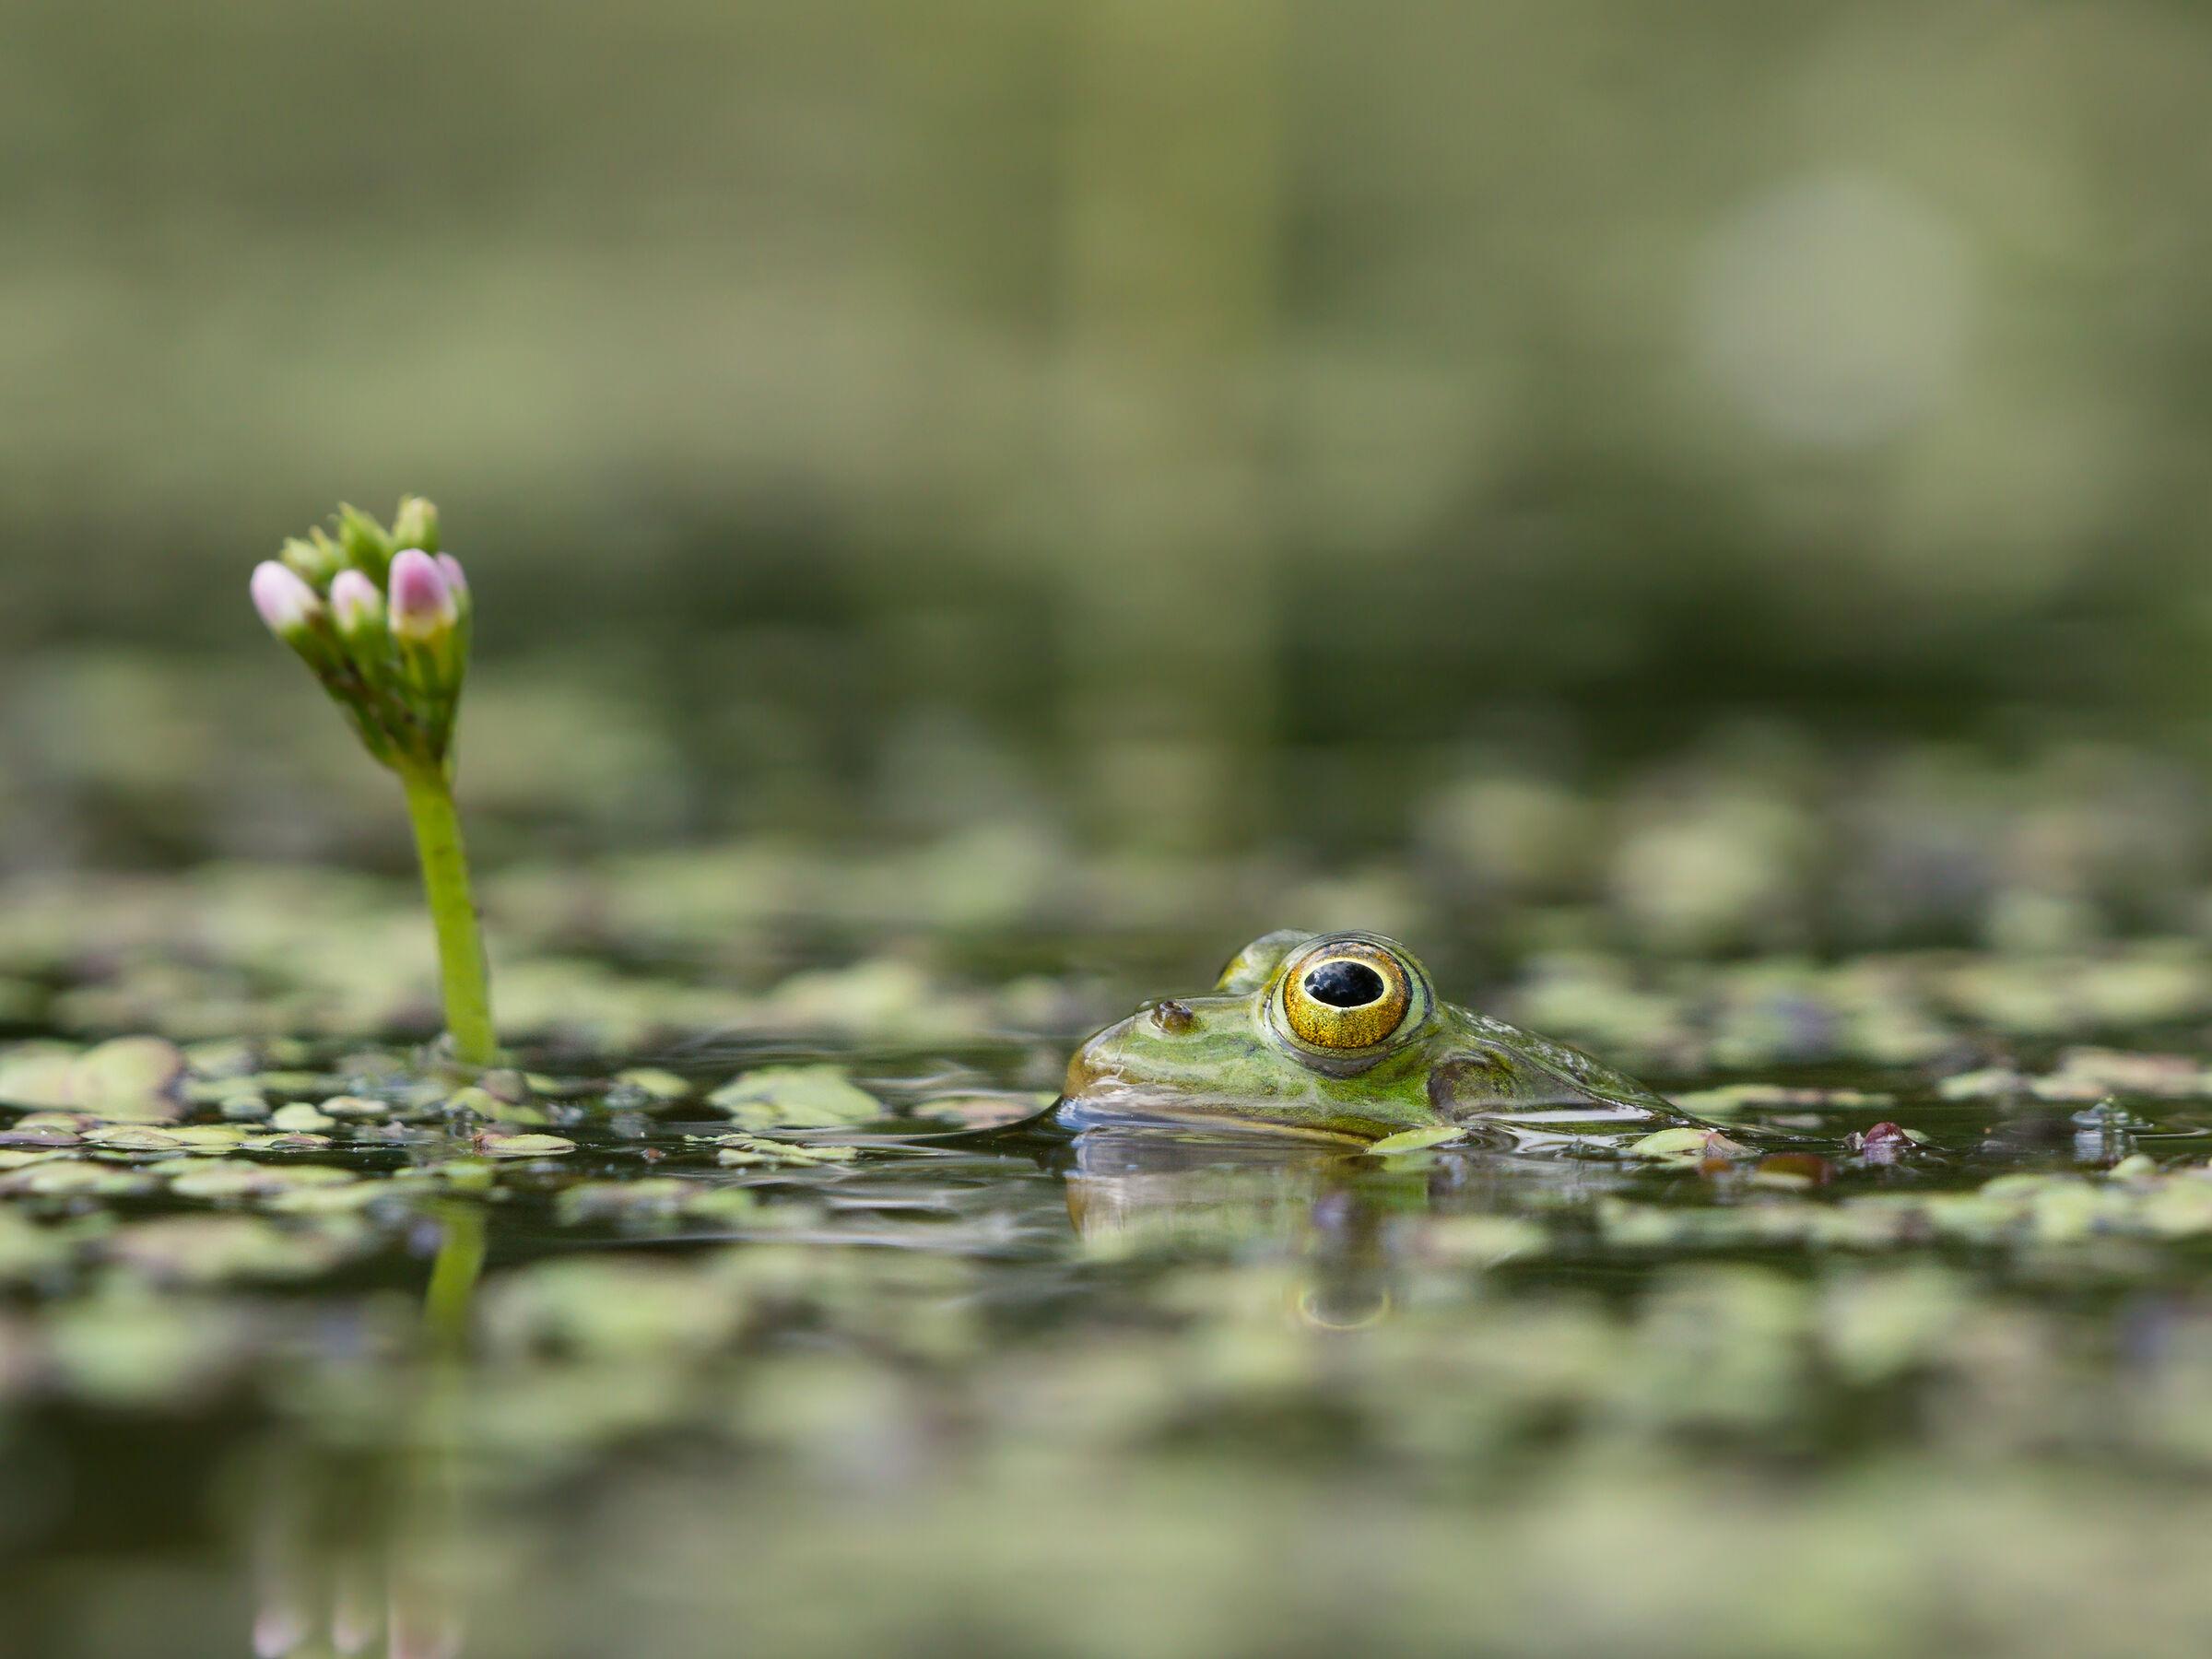 Pool frog (Pelophylax lessonae)...